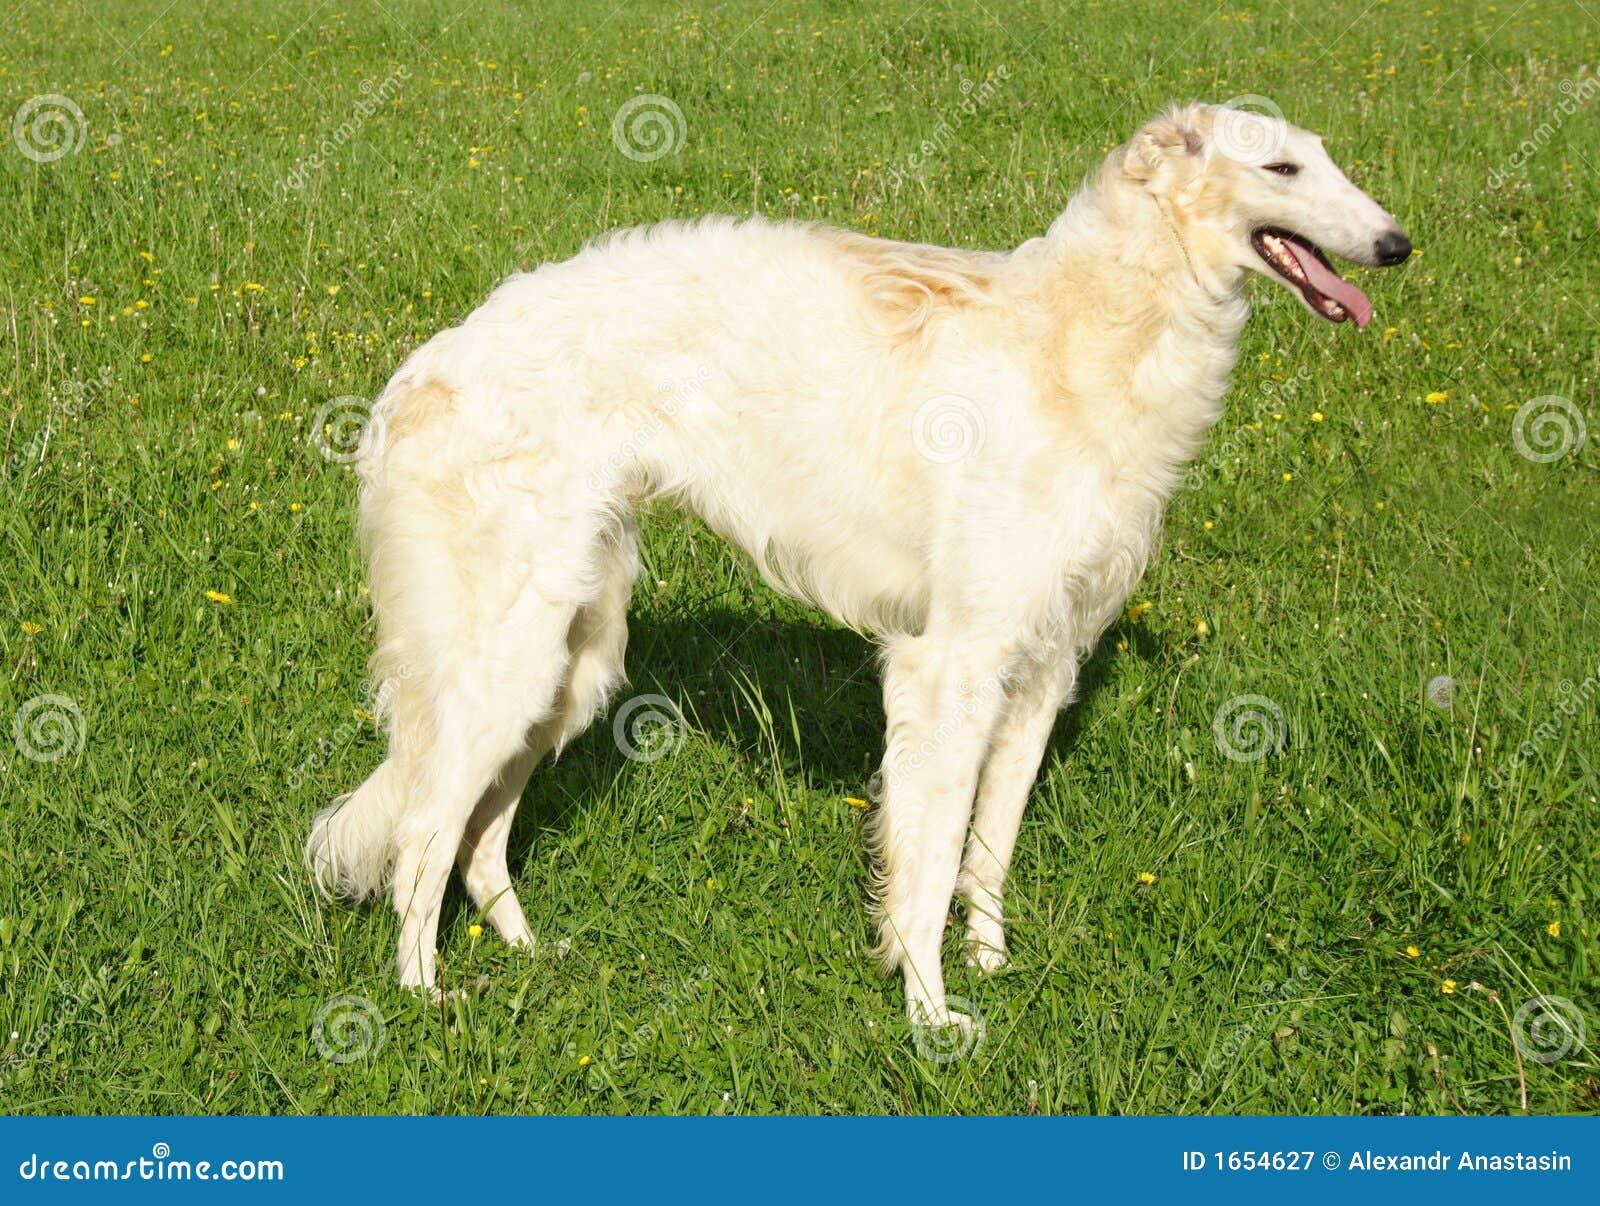 A Borzoi Dog Thoroughbred borzoi dog